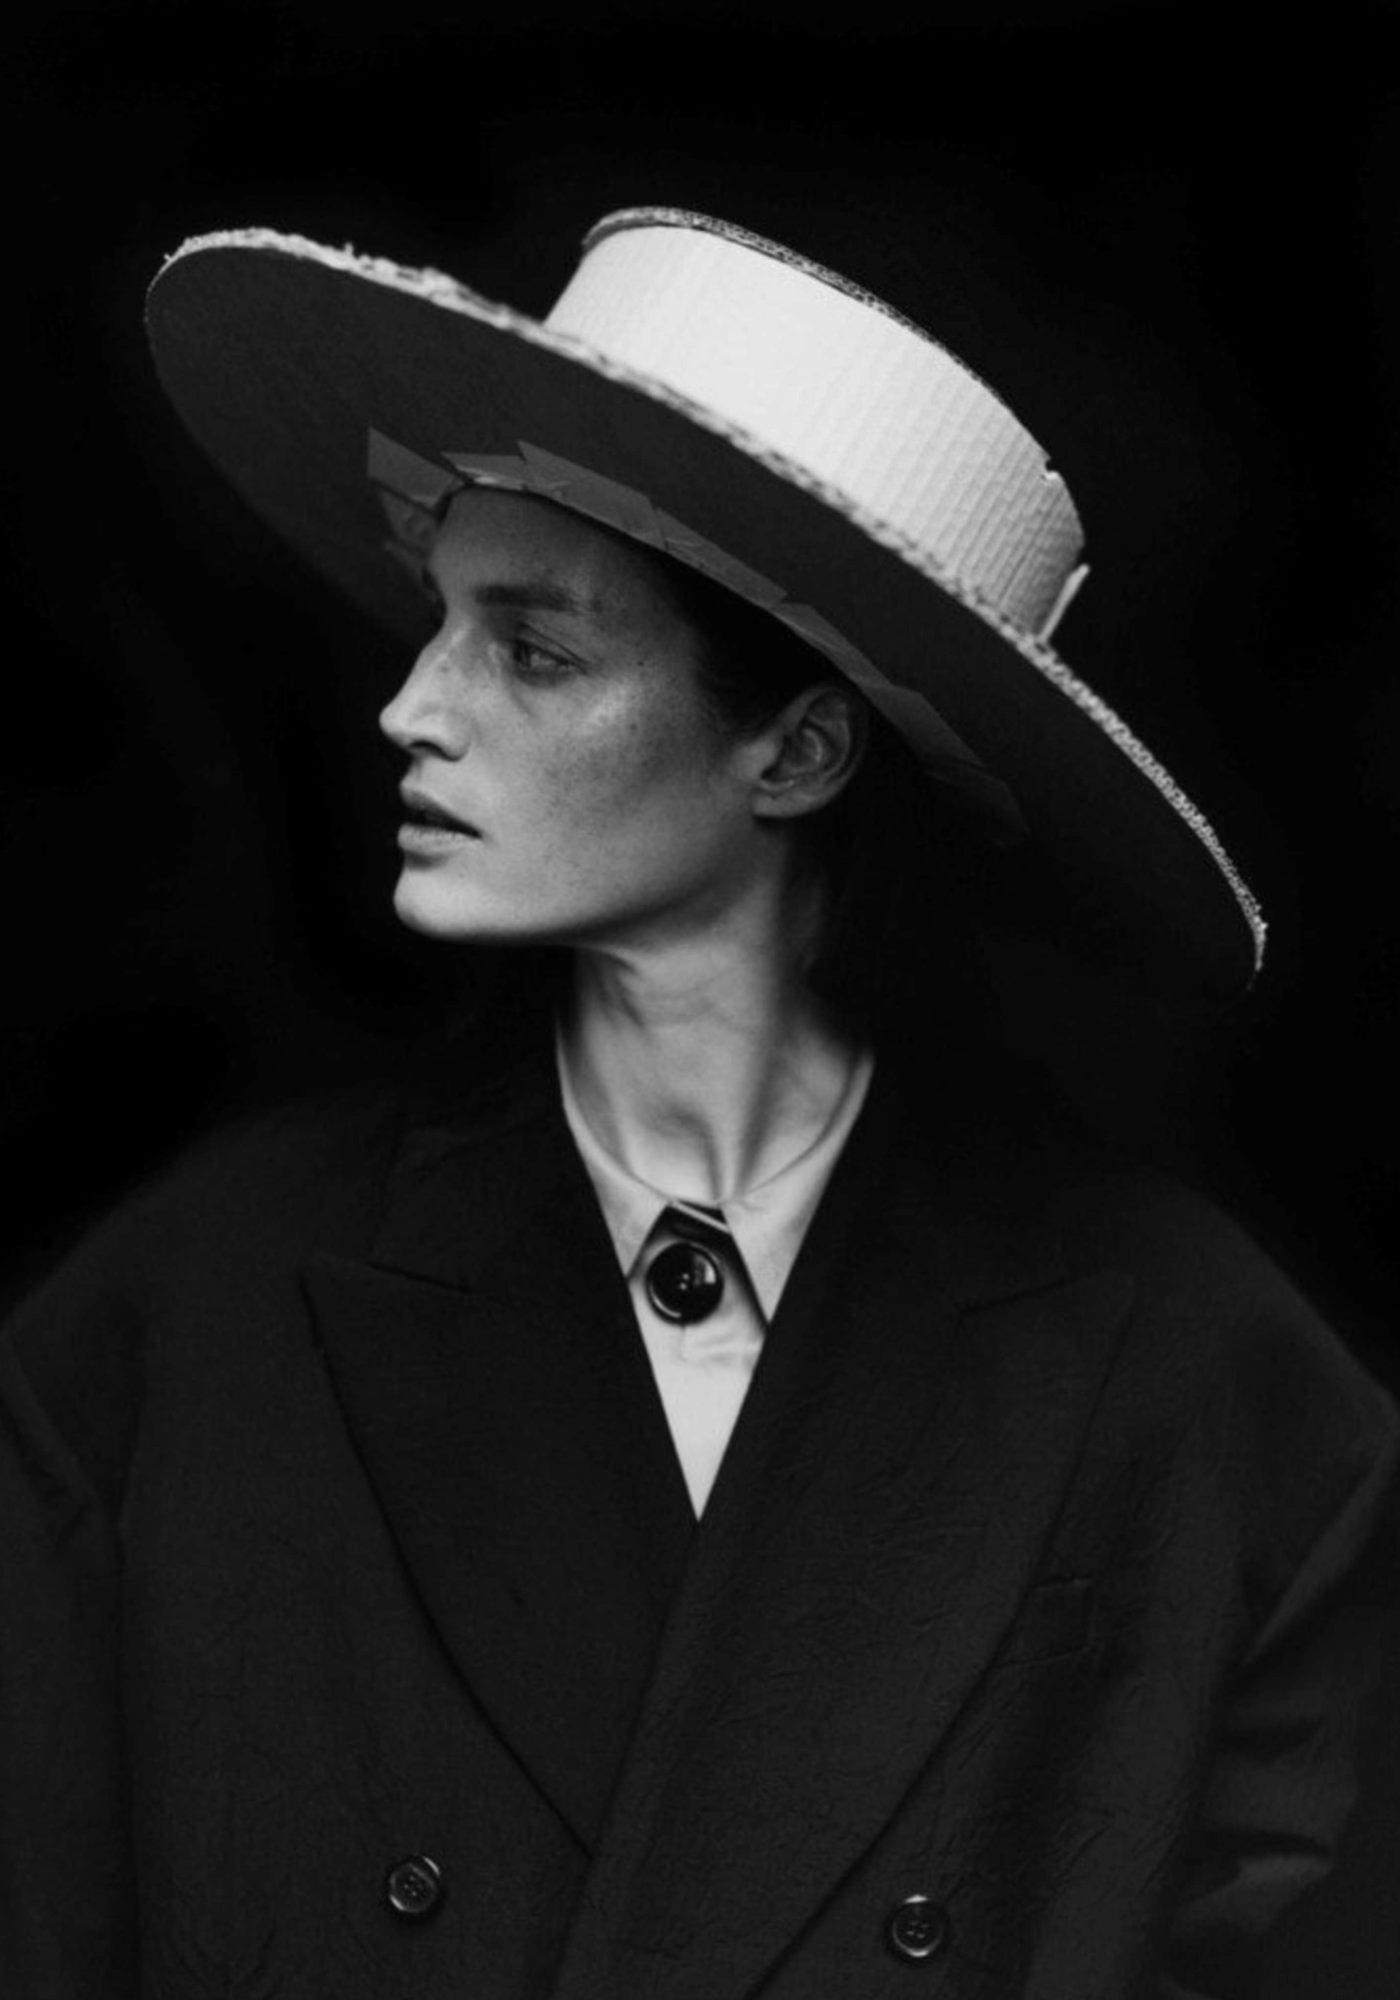 Jack Davison Photographie Portrait Noir et Blanc